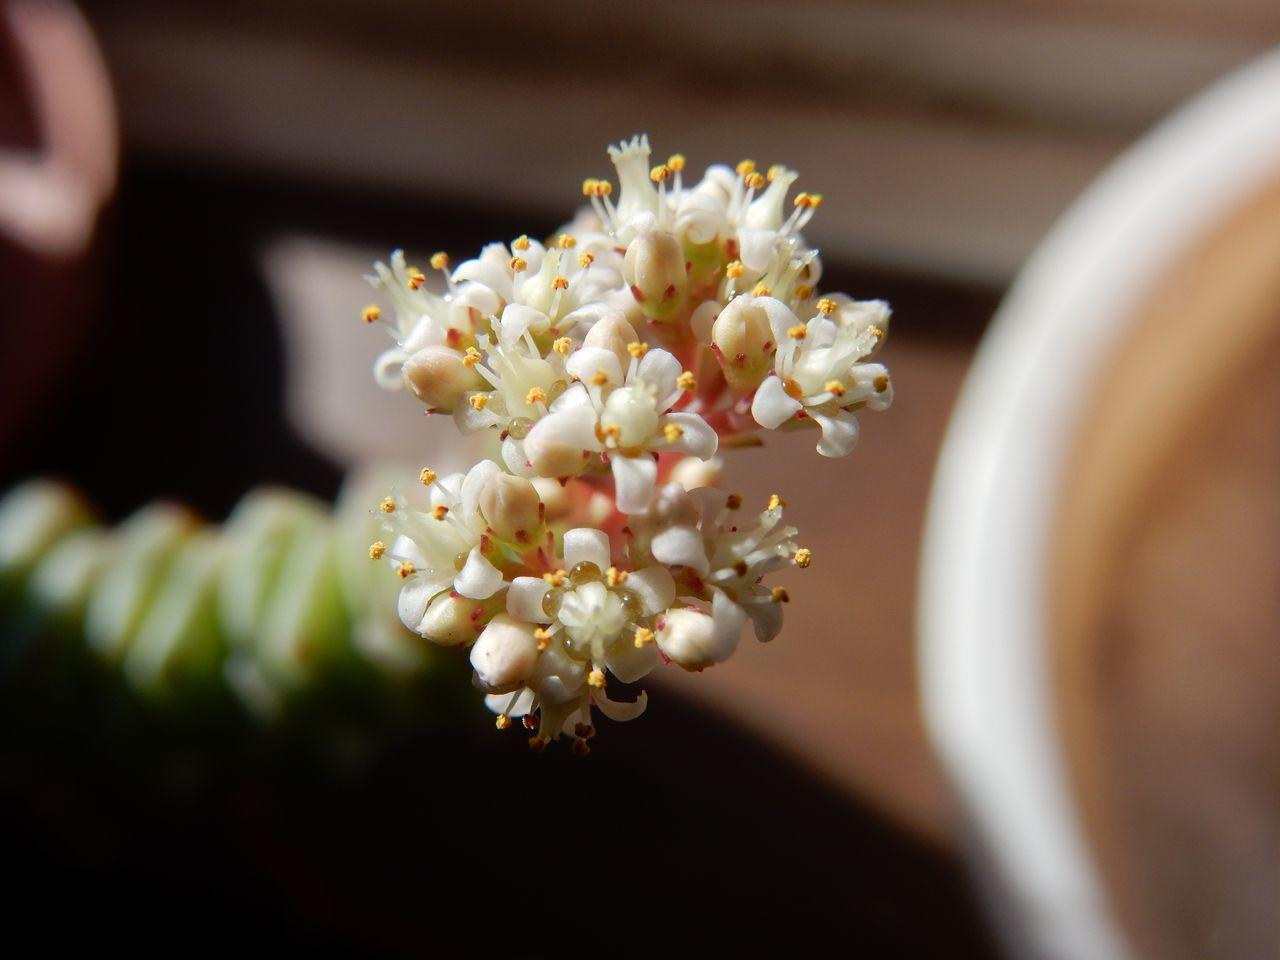 食われながらも咲いていました_c0025115_20555451.jpg